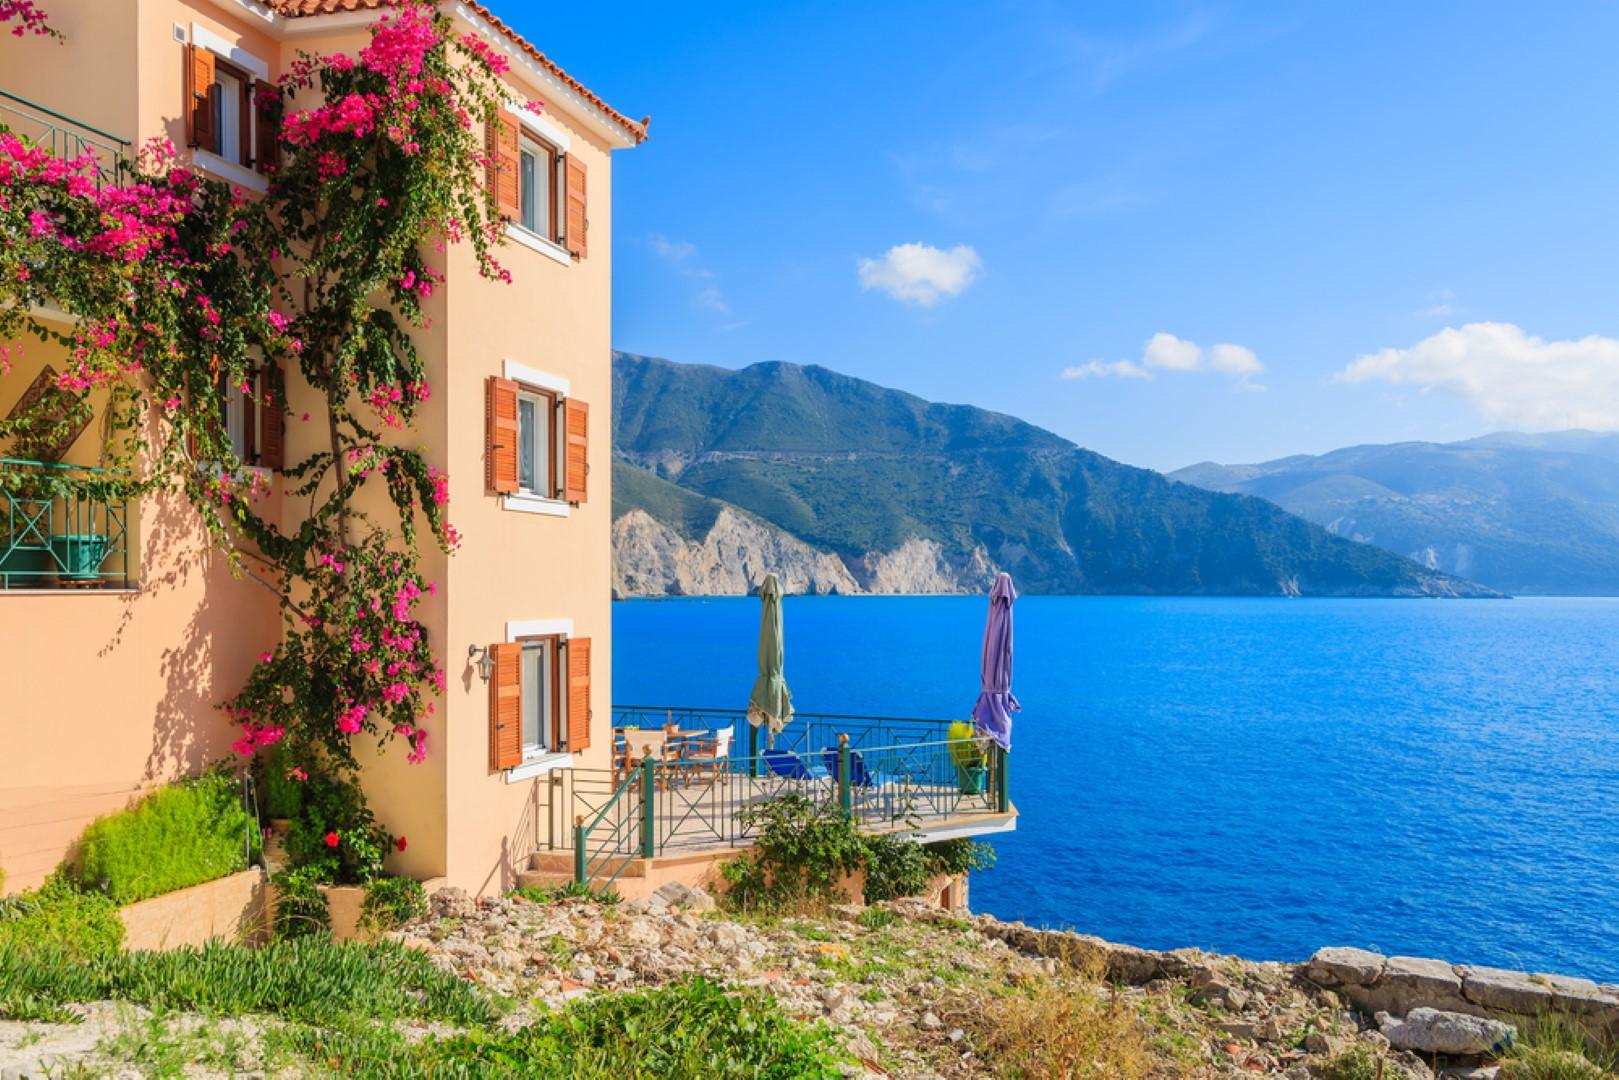 Nekretnine u Grčkoj – Šest promena koje očekuju vlasnike na jesen